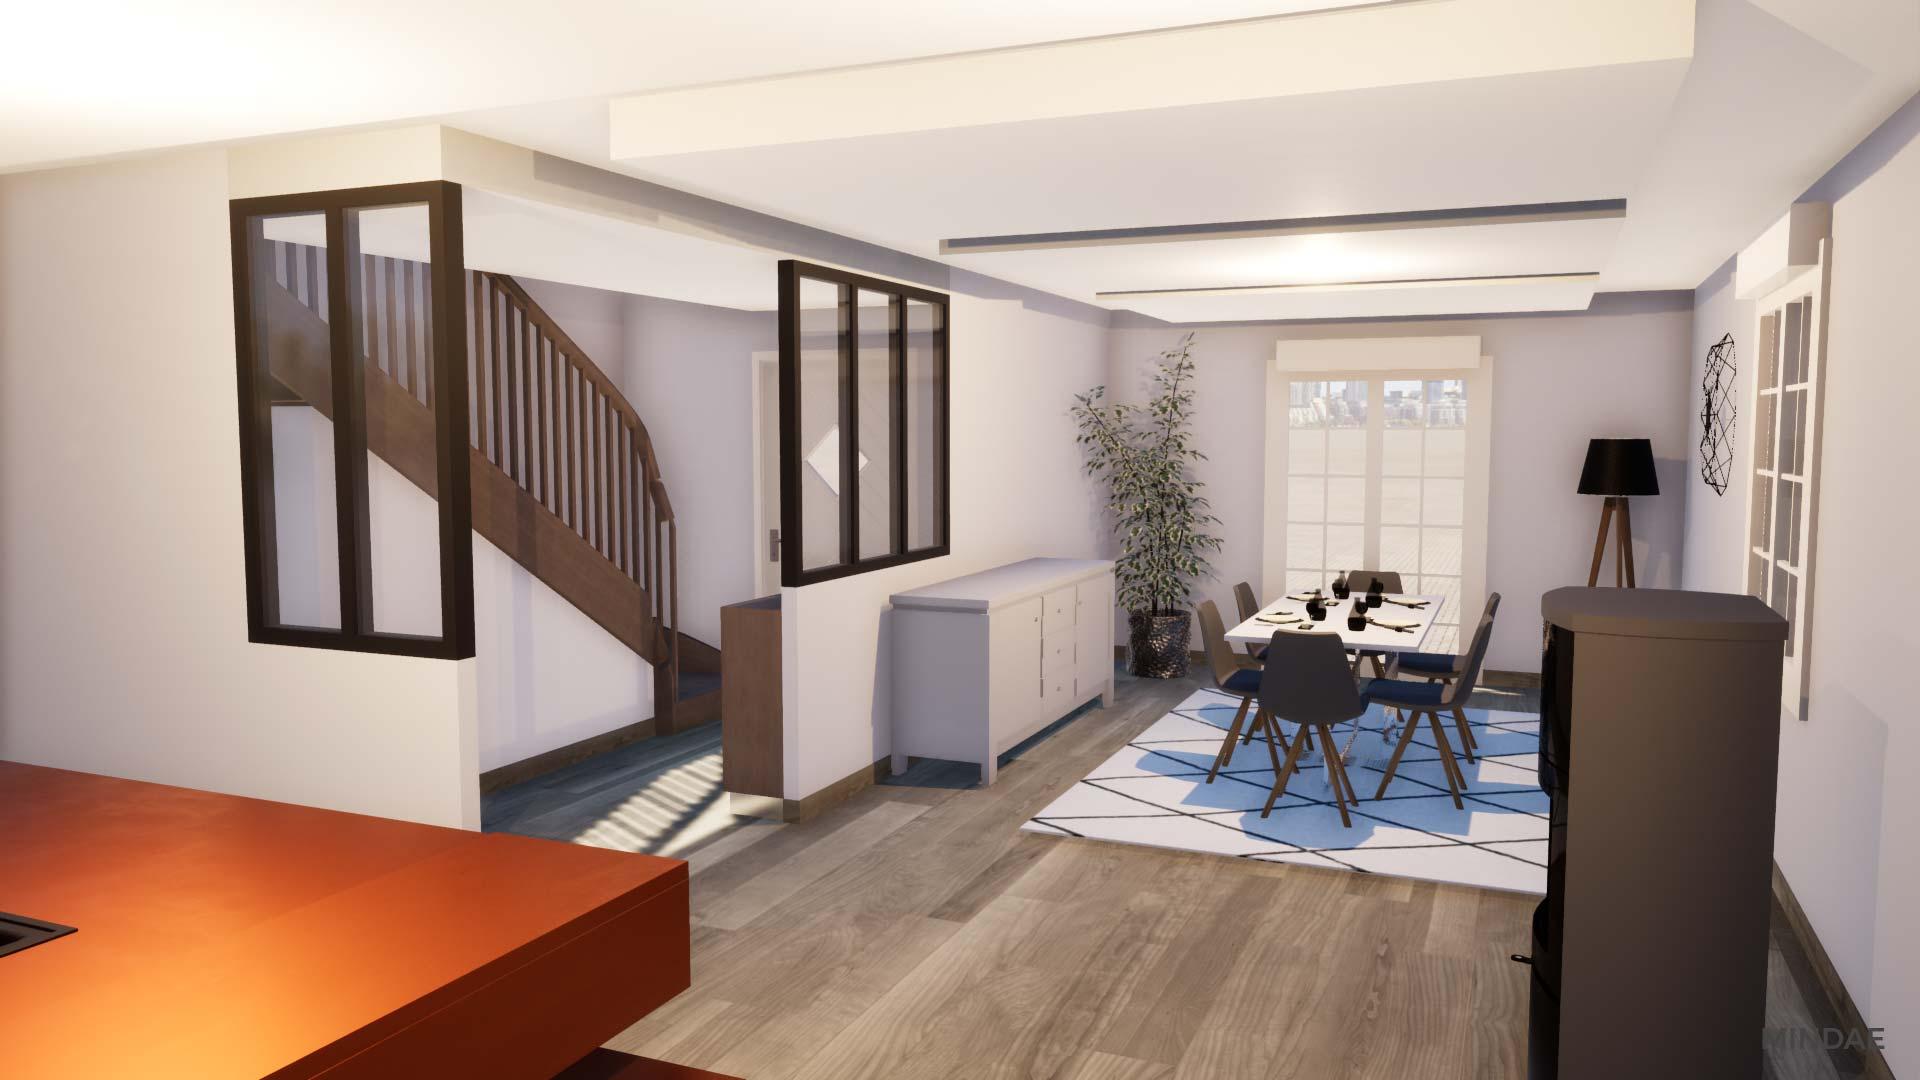 Mindae_3D_maison_salon_verriere_metal_test_agencement_design_cuisine_entree-(2)